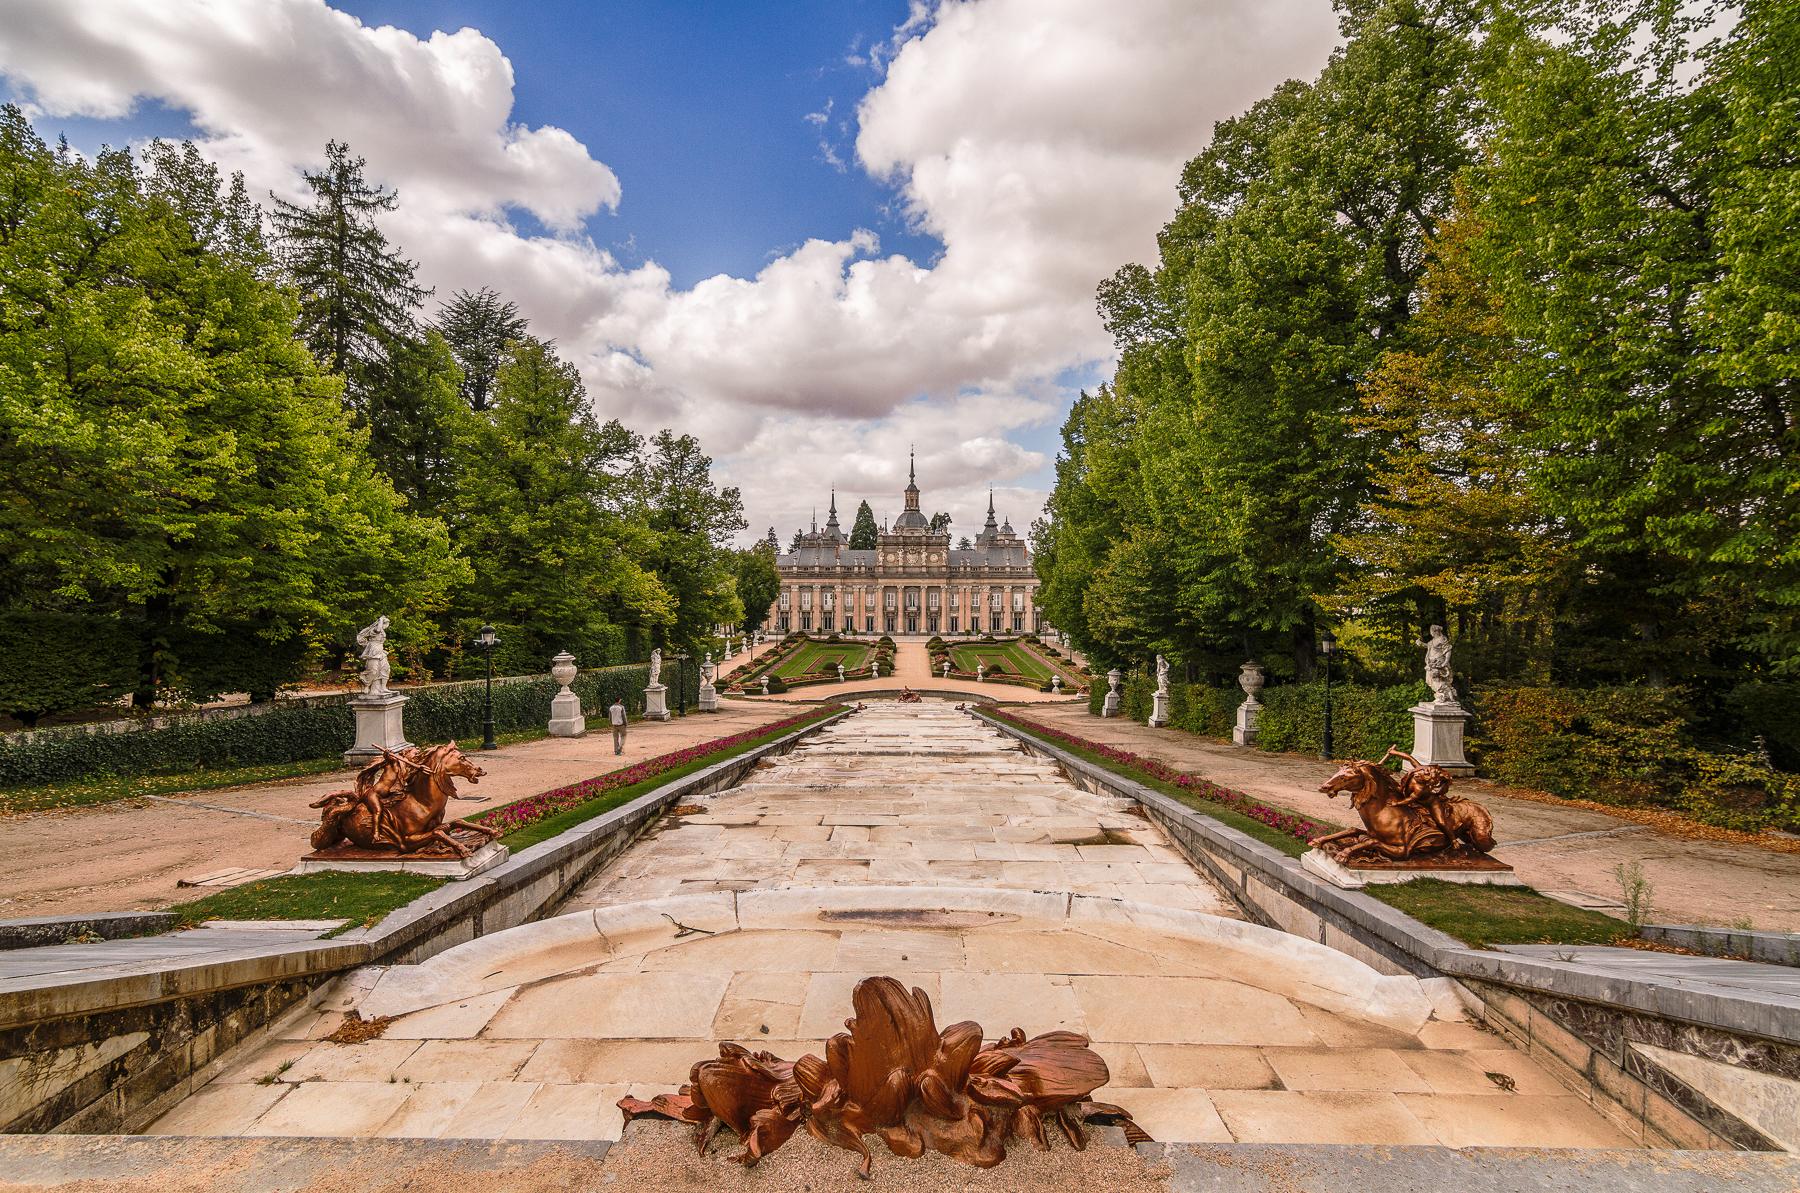 Palacio Real de la Granja de San Ildefonso, España.